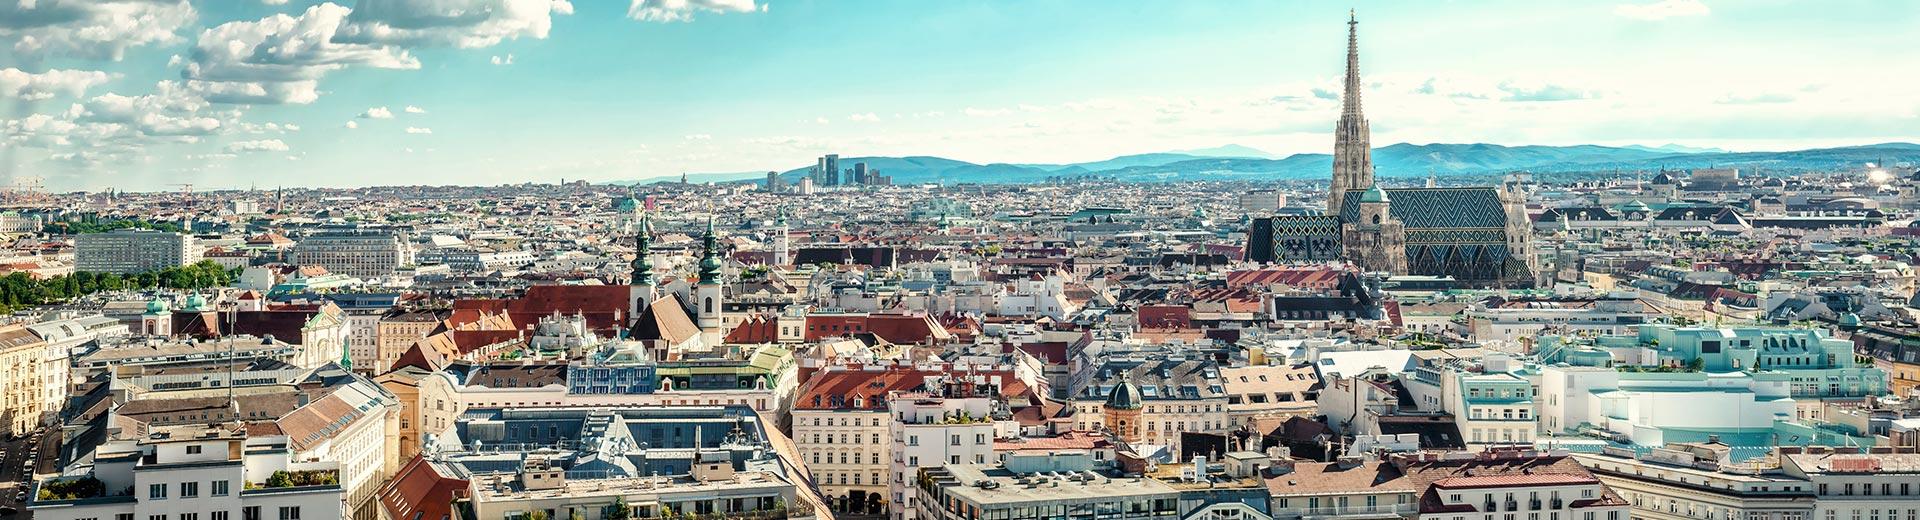 Voyage en groupe Vienne- offre classique avion